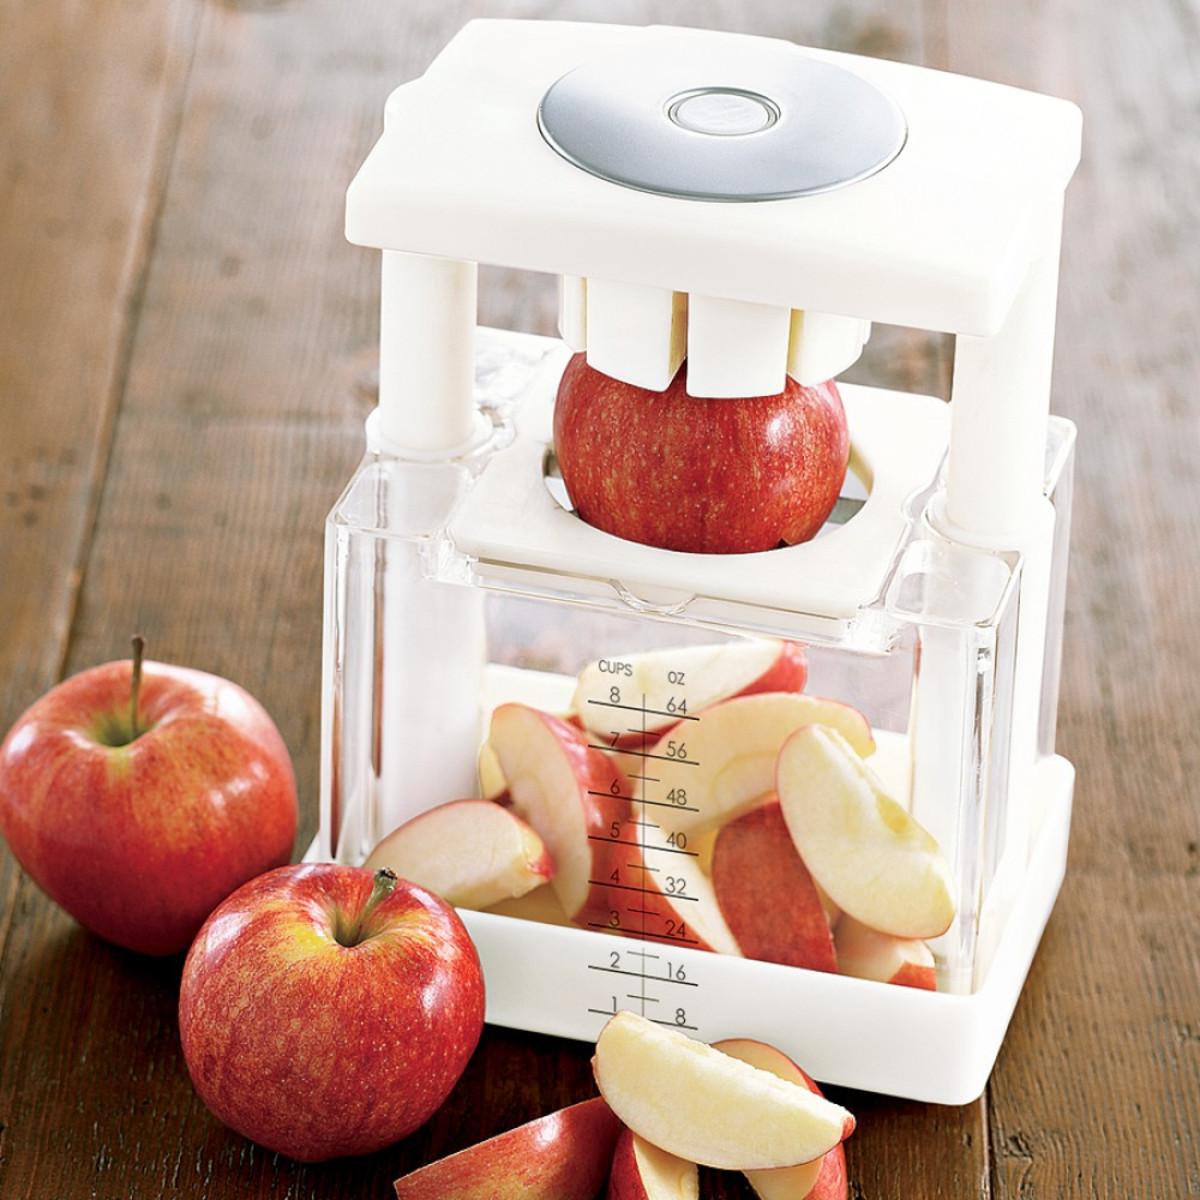 illiams-sonoma - tasarım mutfak eşyaları